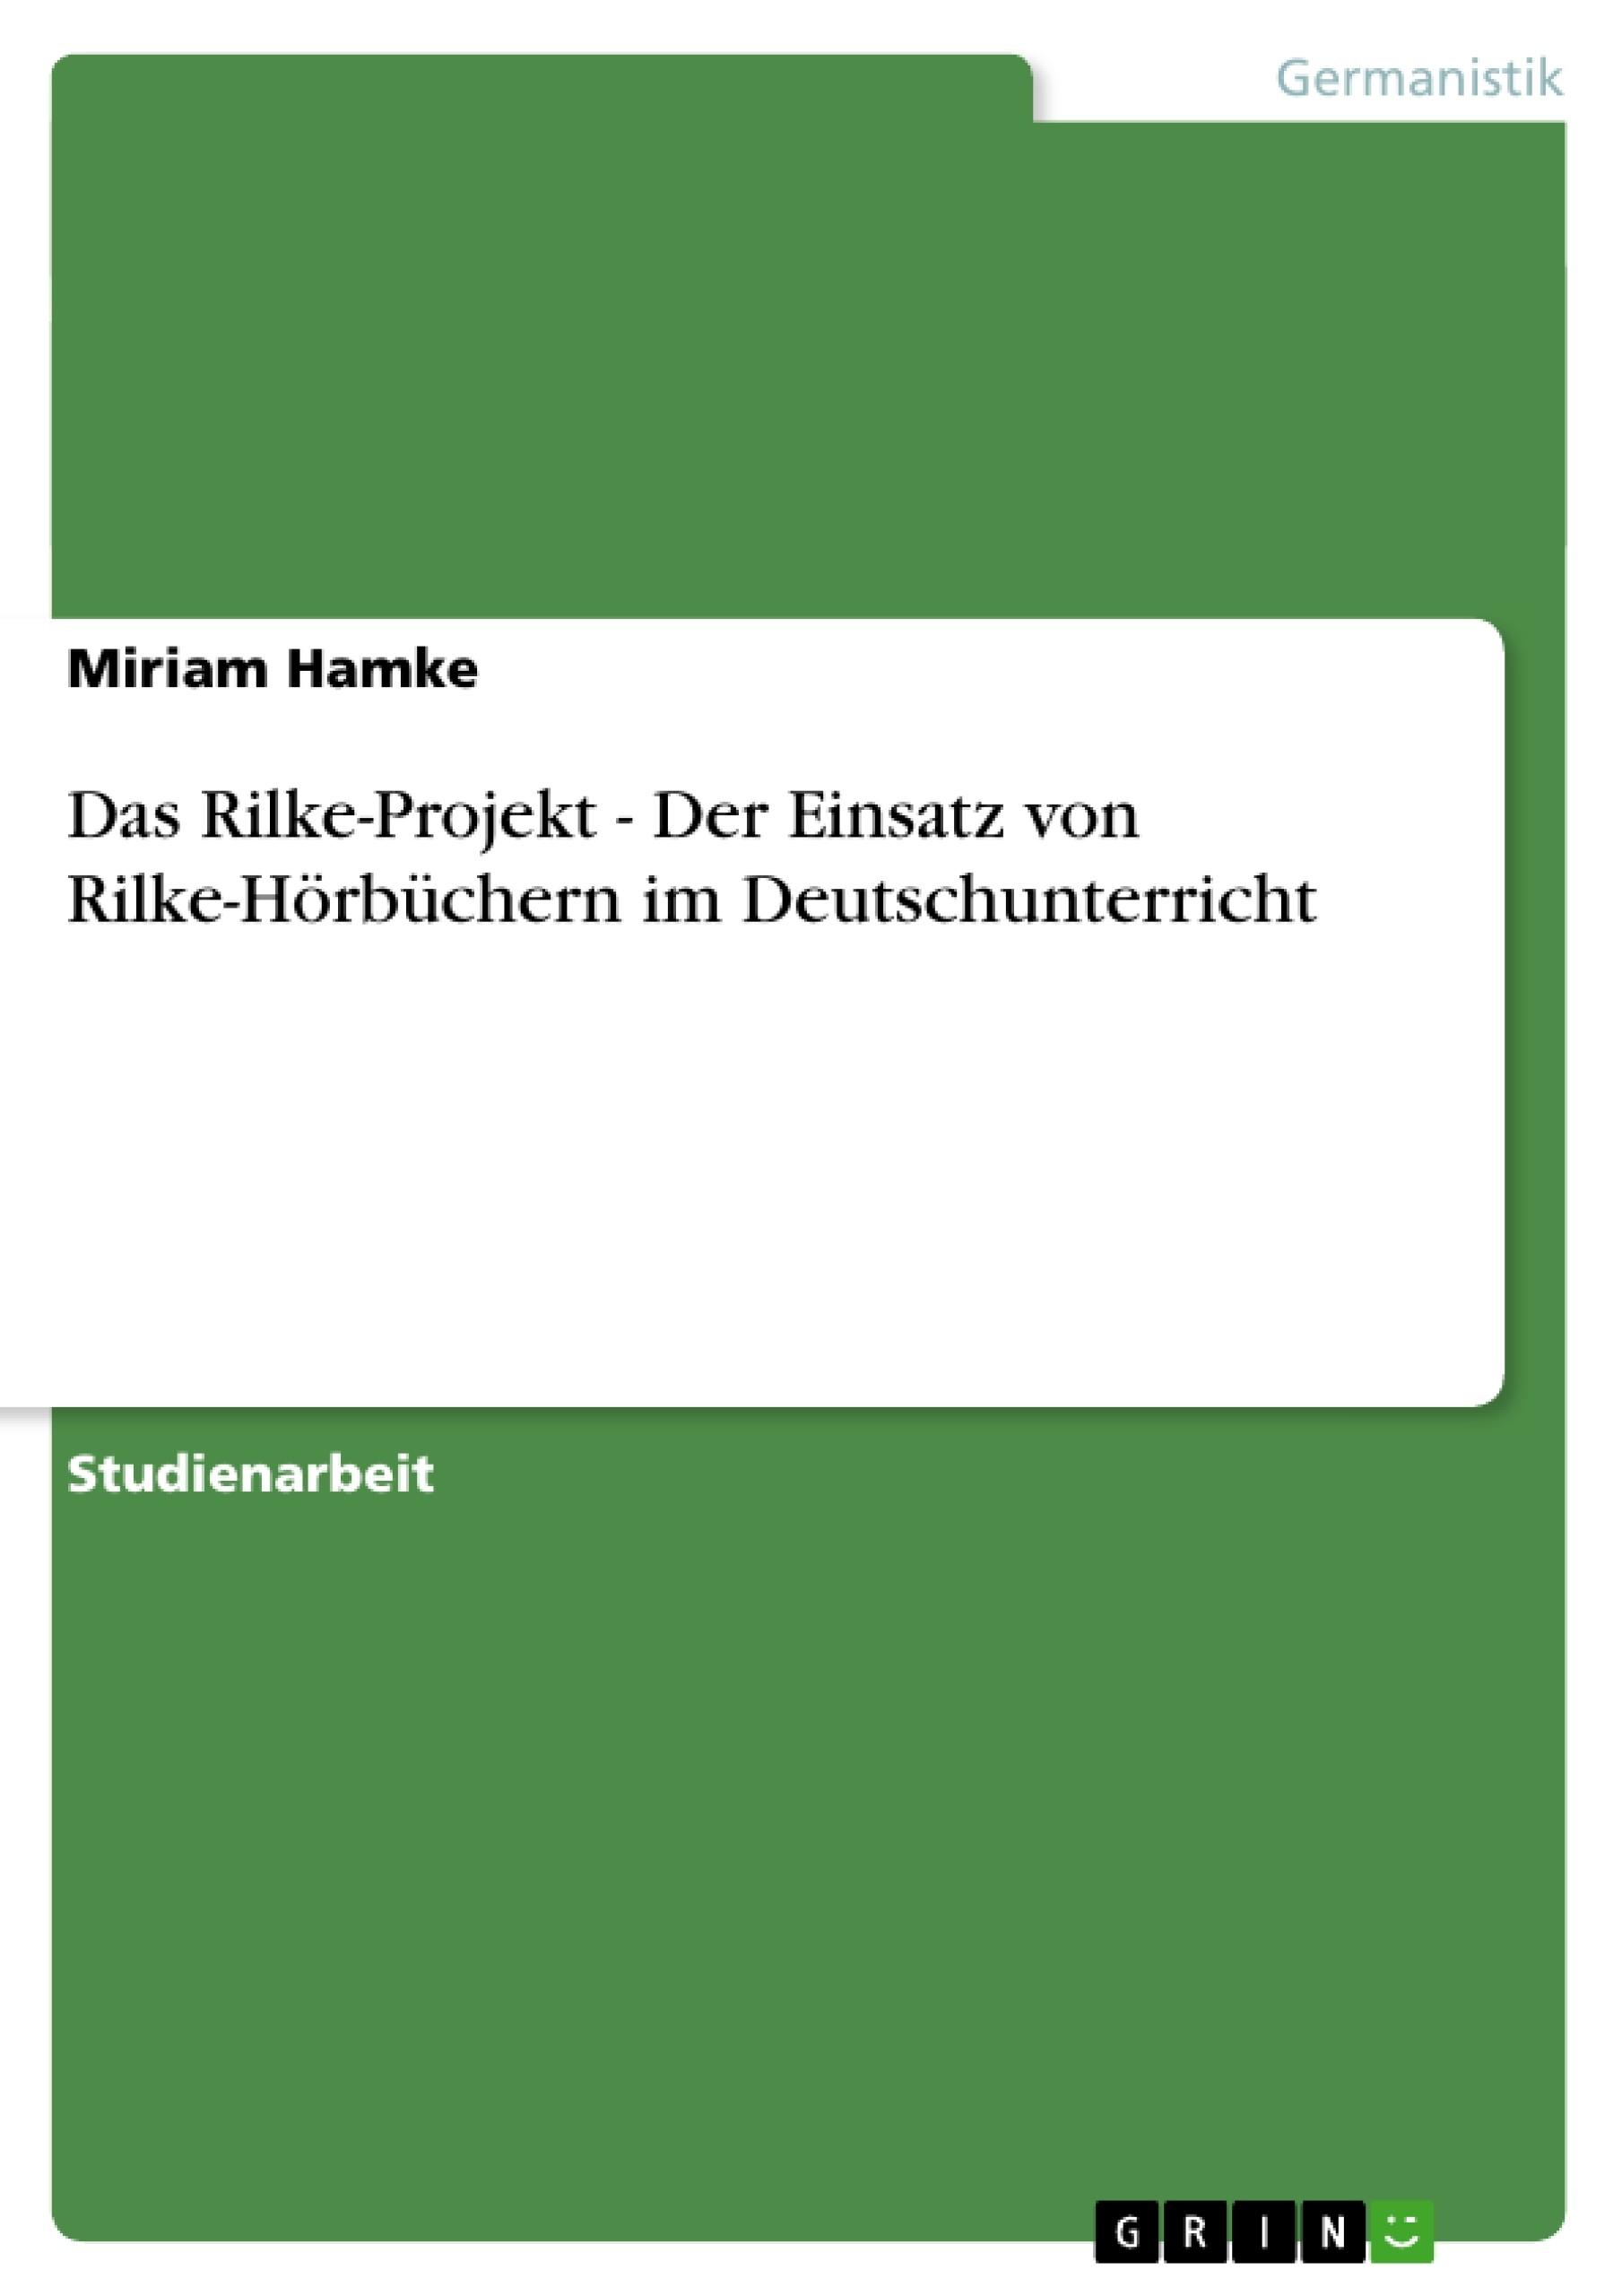 Titel: Das Rilke-Projekt - Der Einsatz von Rilke-Hörbüchern im Deutschunterricht